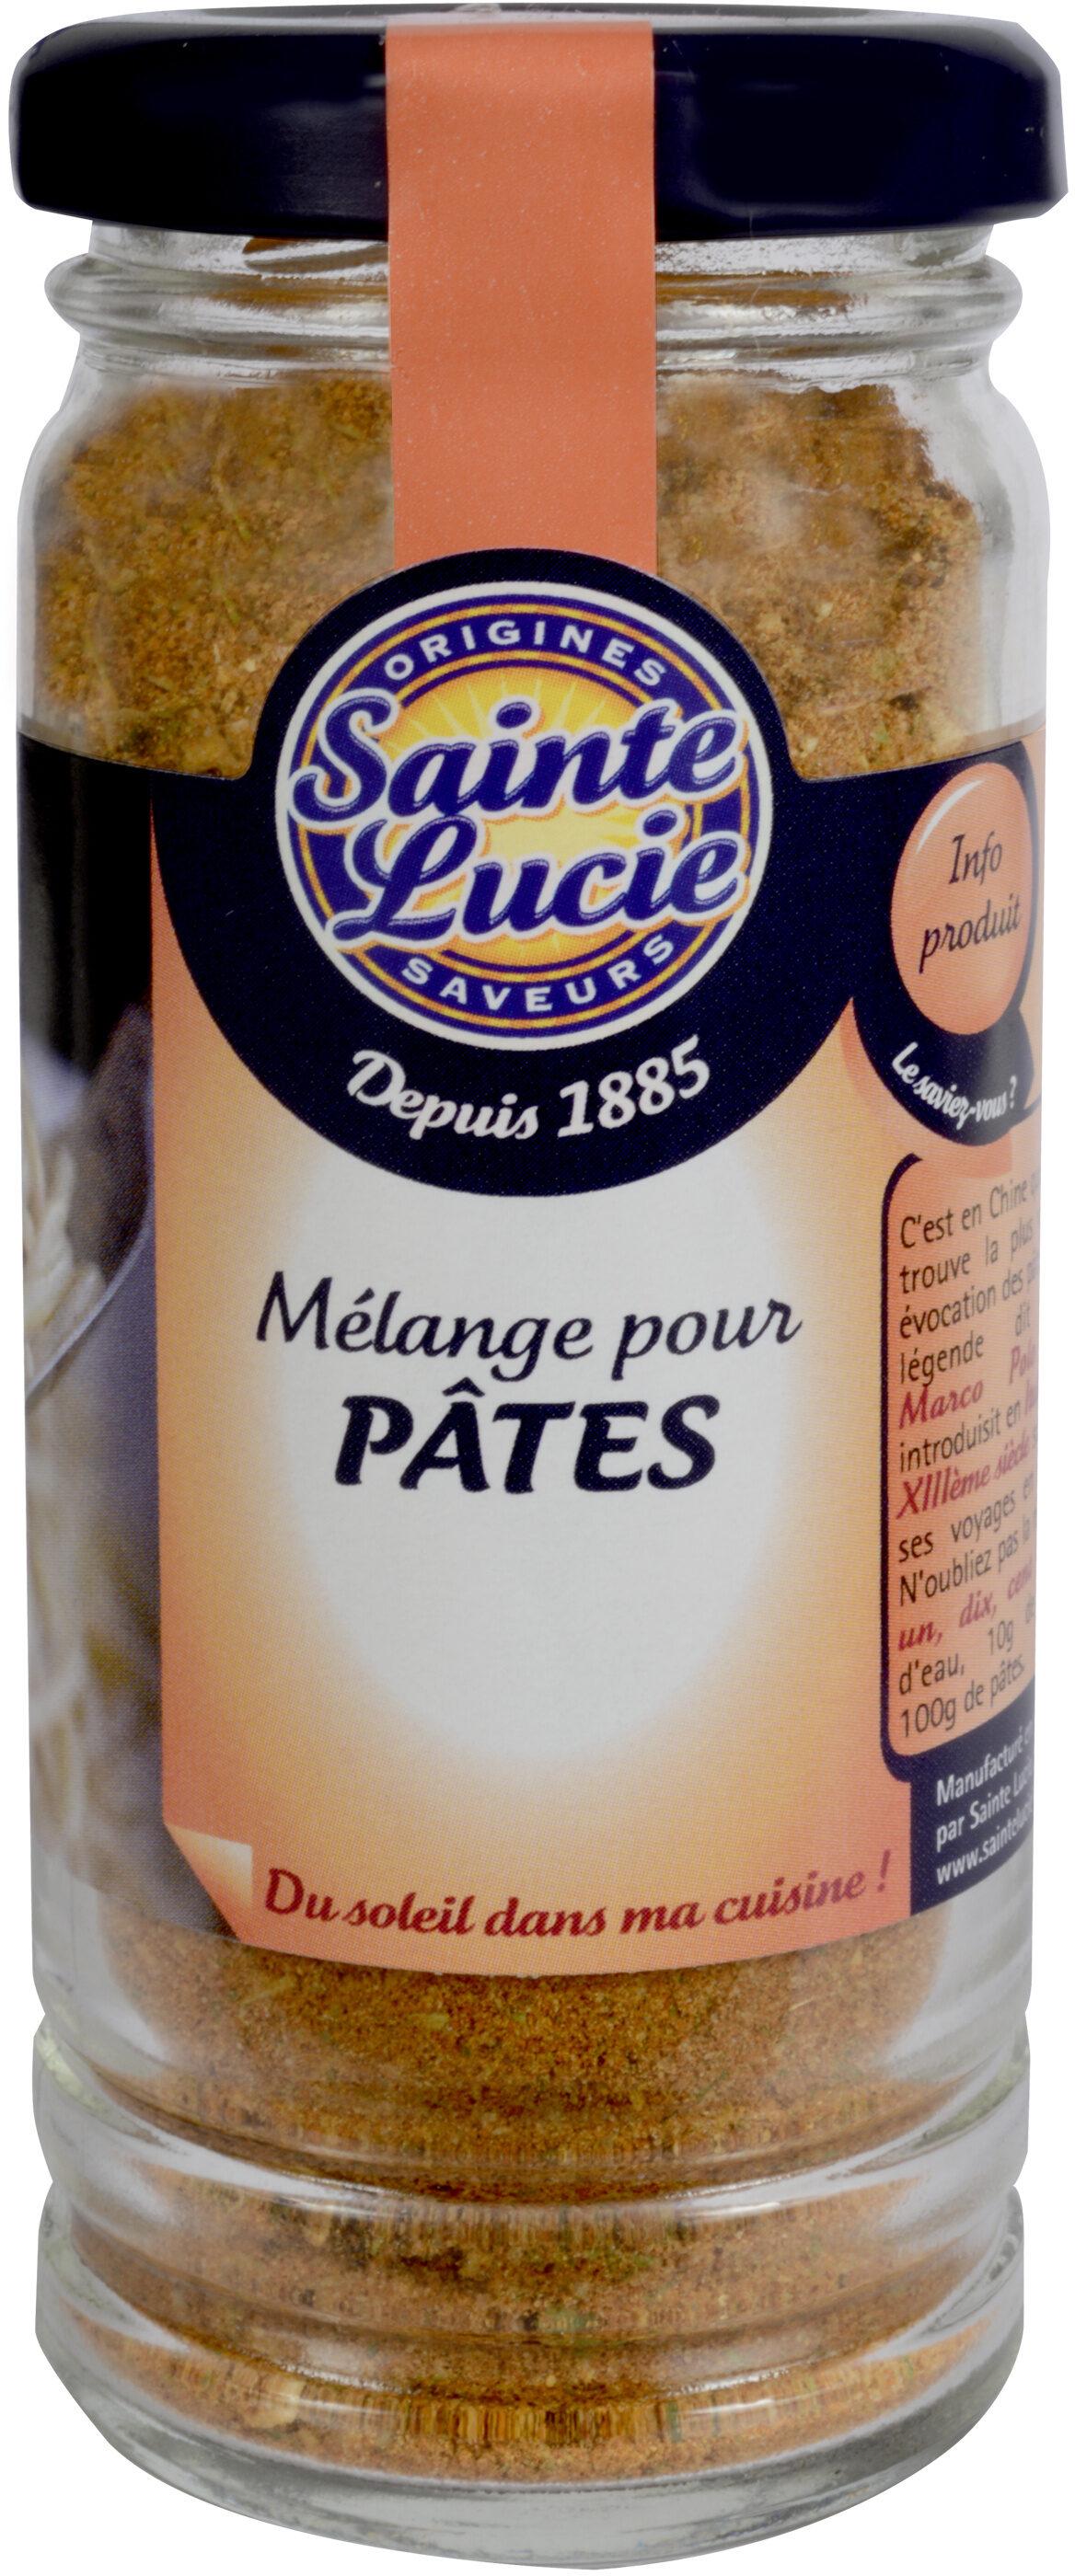 Mélange pour pâtes - Produit - fr